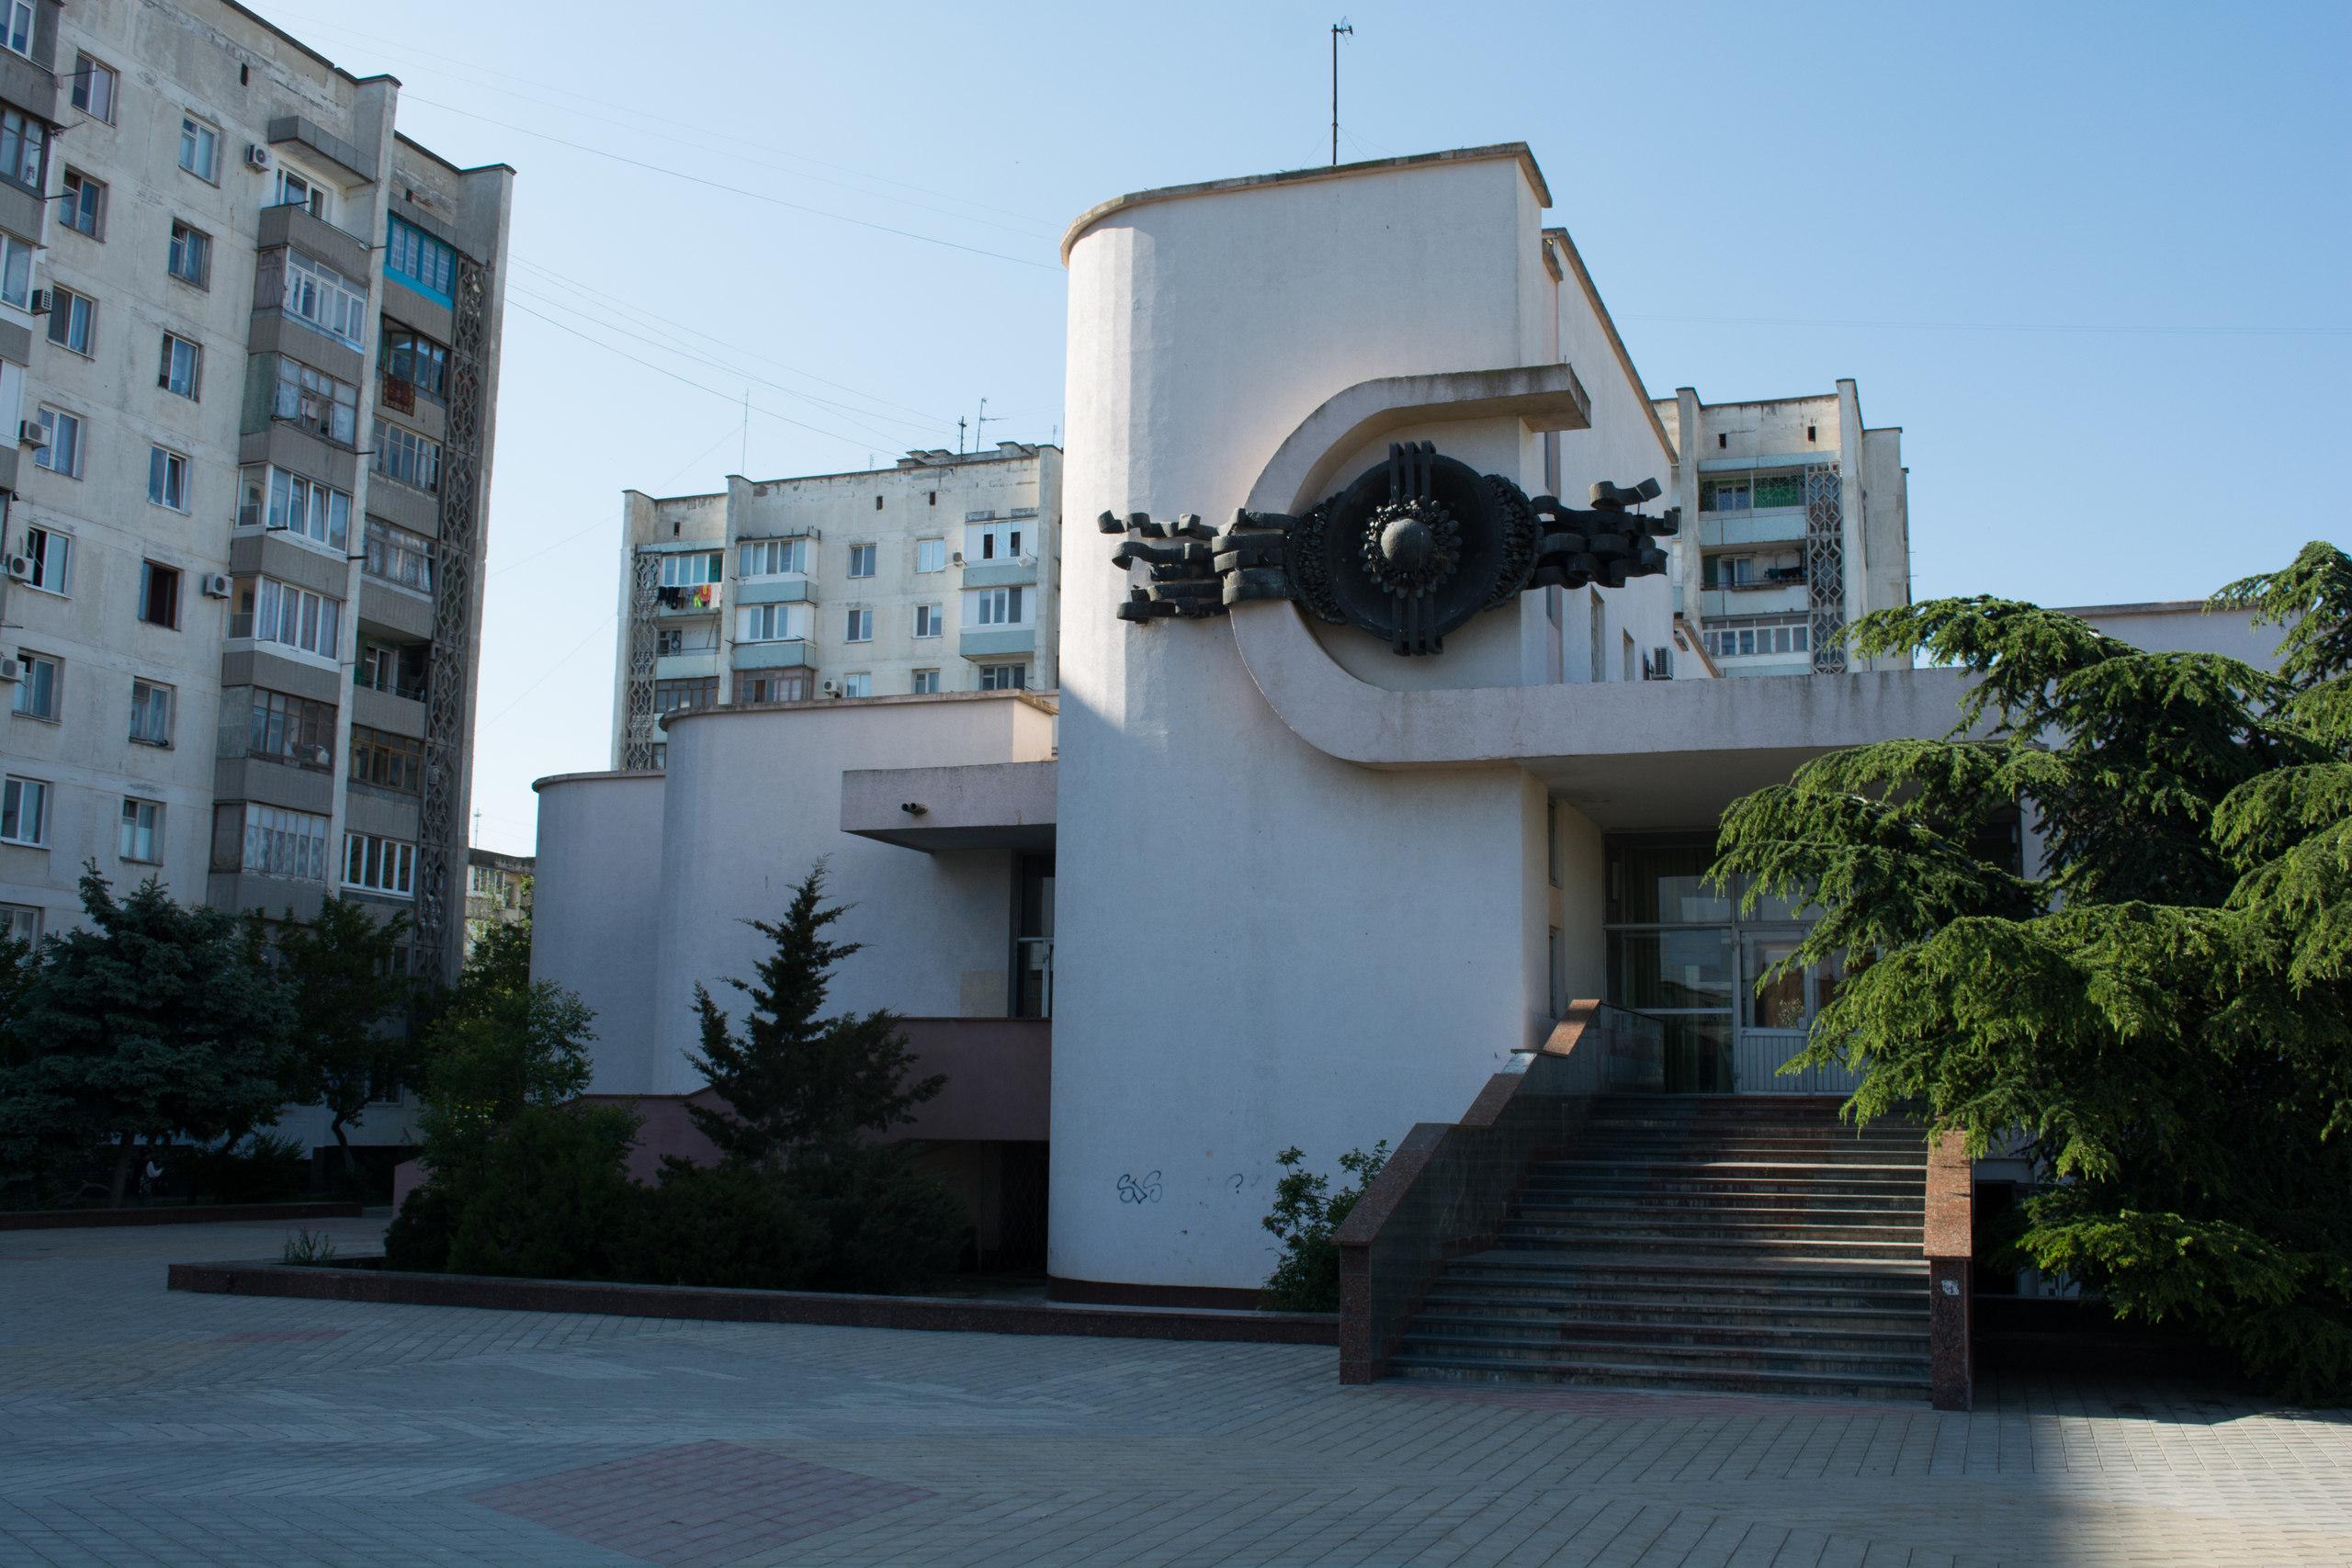 Евпаторийское отделение крымского факультета вну им в даля